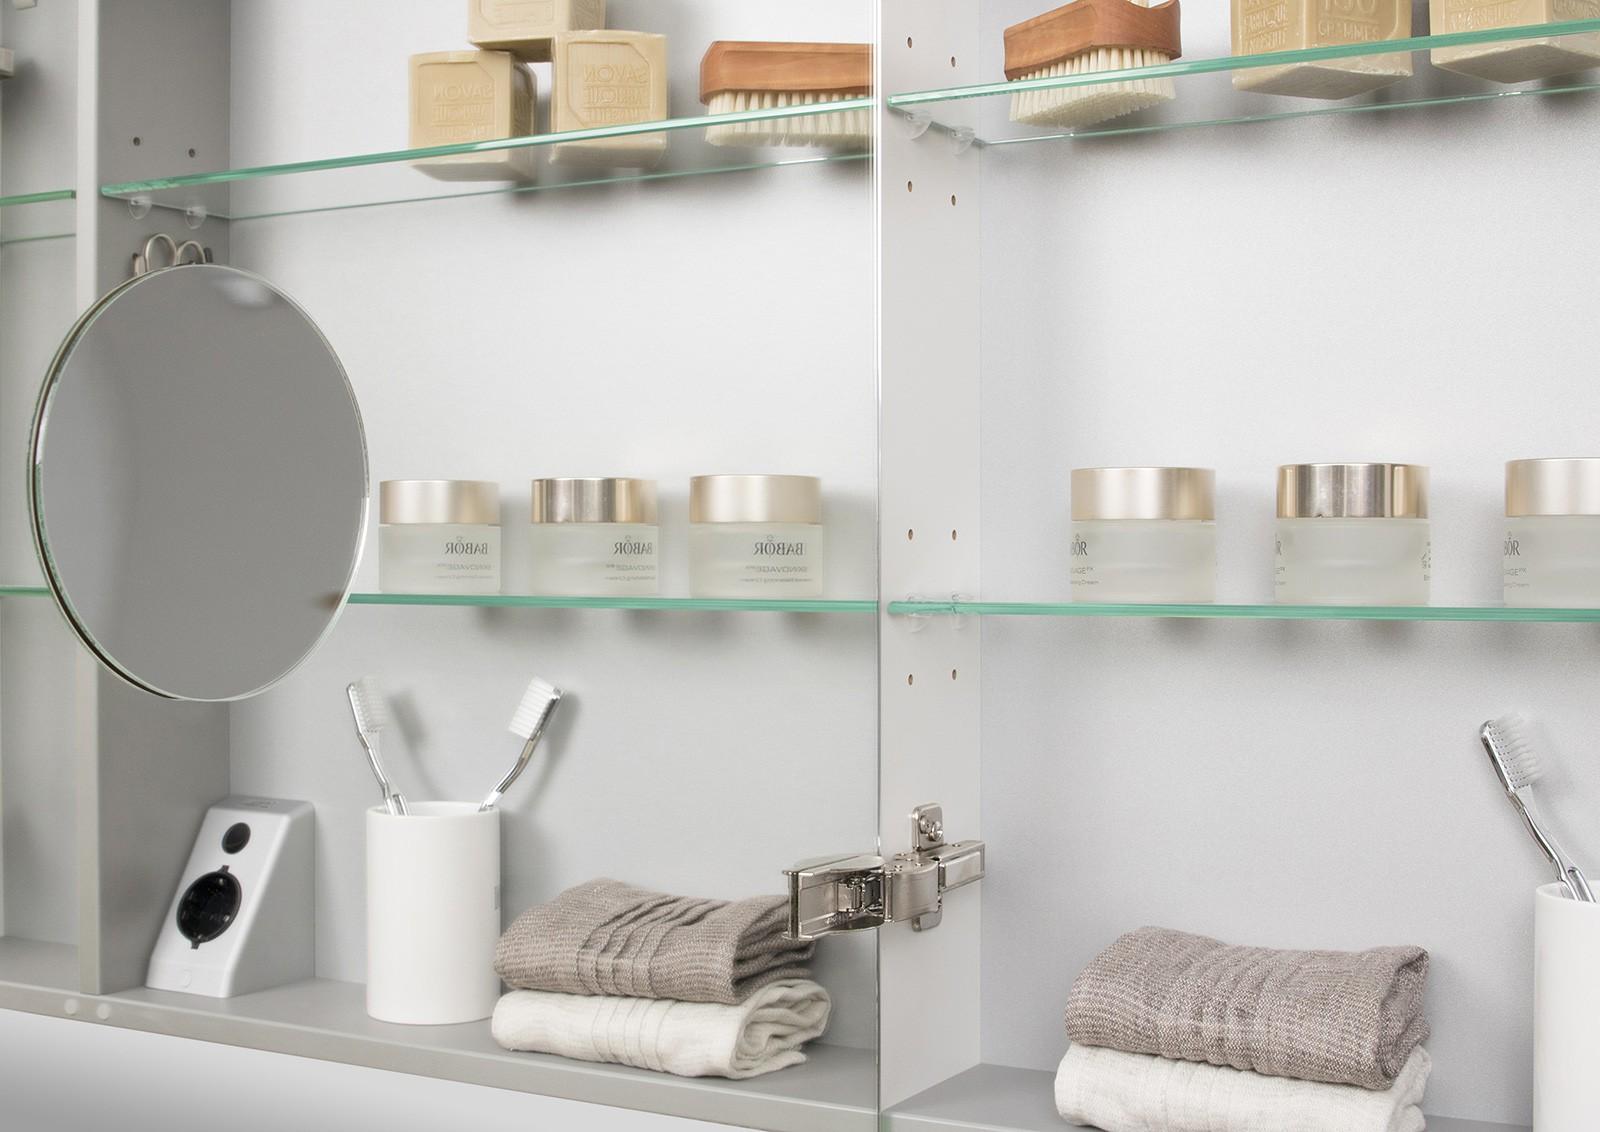 spiegelschrank bad 60 cm led beleuchtung doppelt. Black Bedroom Furniture Sets. Home Design Ideas